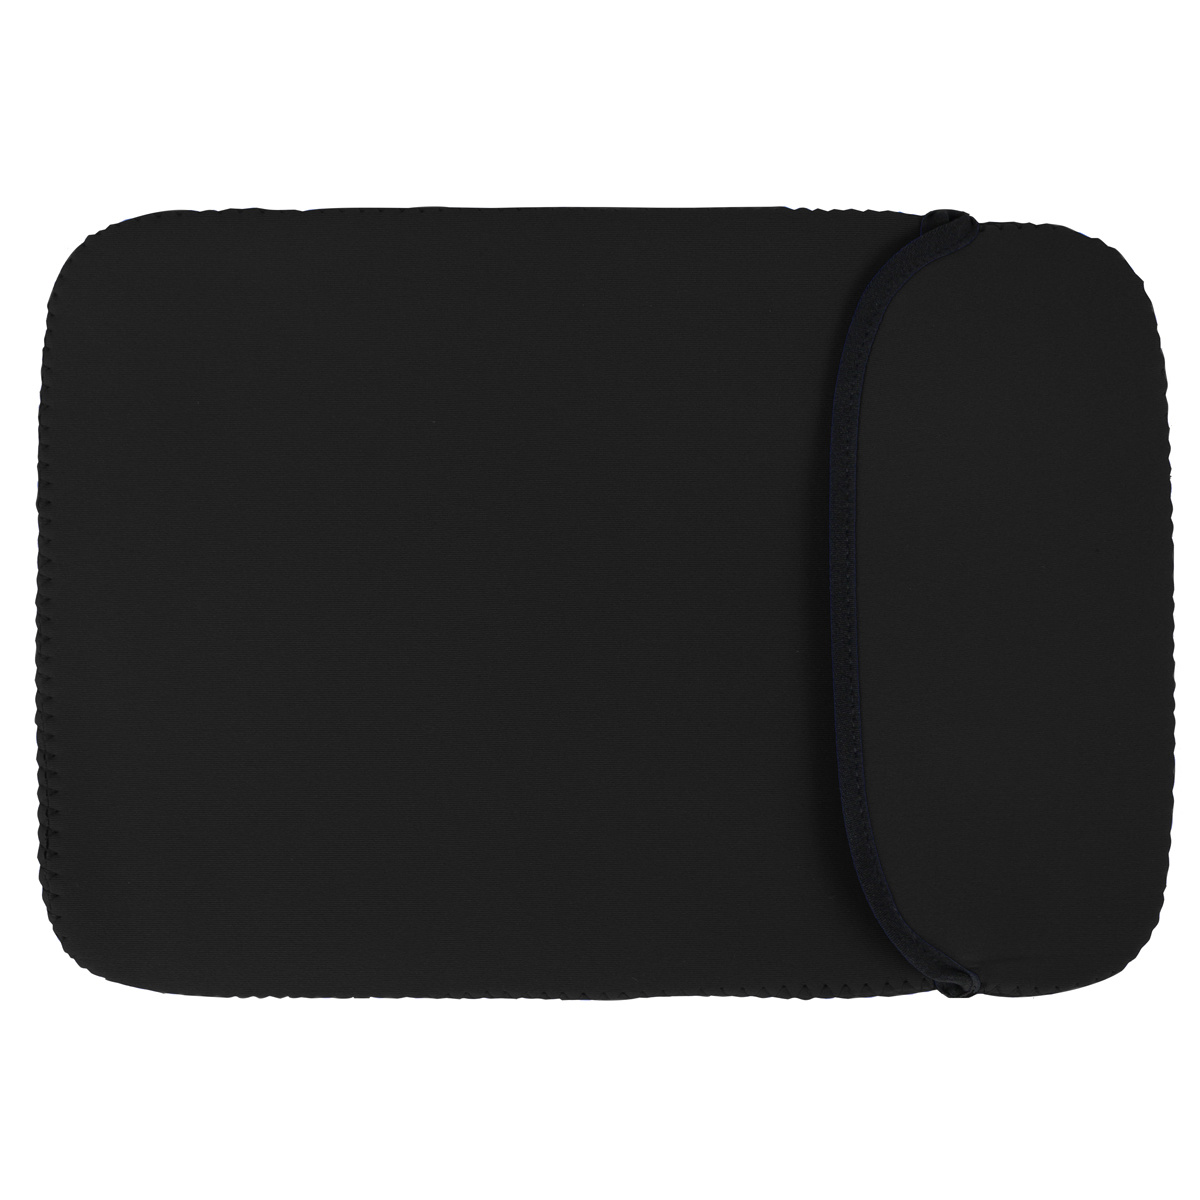 deze moderne neopreen sleeve tas voor de macbook laptop chromebook 13 inch houdt je scherm ten alle tijden veilig en schoondeze sleeve is gemaakt van kwalitatief uitstekend neopreen materiaal heeft een fashionable look feel en is daardoor een echte eyecatcher met deze macbook laptop chromebook 13 inch neopreen sleeve loop je er modieus bijstijl laptop casestype laptop sleevemateriaal neopreendeze sleeve is geschikt voor oa macbook pro 13 inch 2016 macbook pro 13 inch met retina macbook pro 13 inch macbook air 13 inchen alle andere laptops en chromebooks met een 13 inch scherm